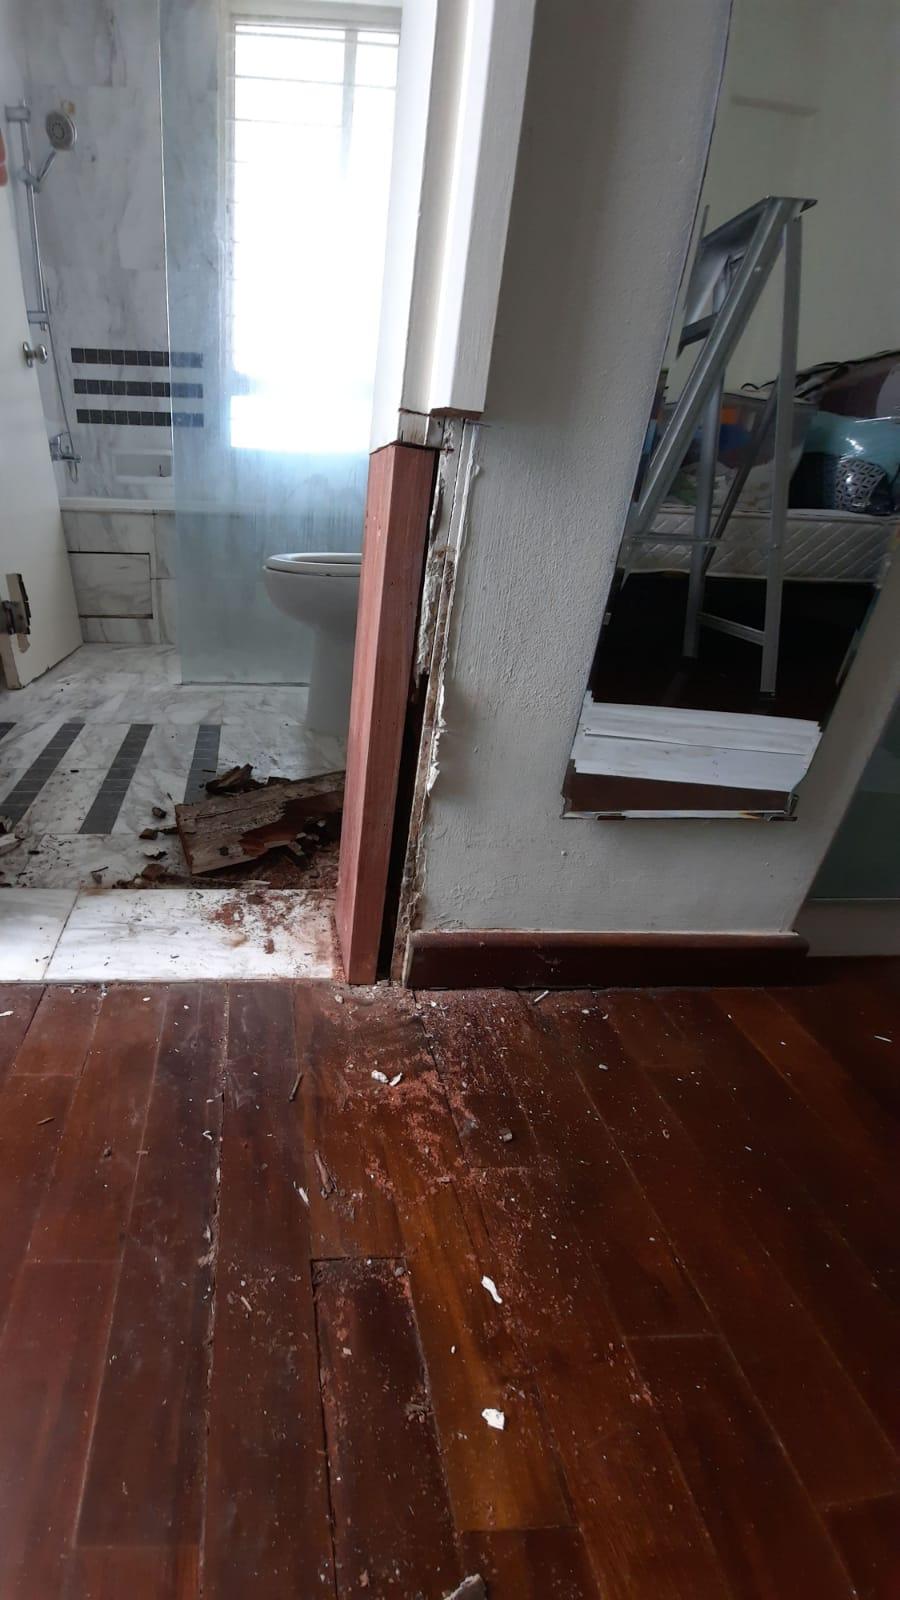 Rotten Door Frame Repair Singapore Door Repair Service